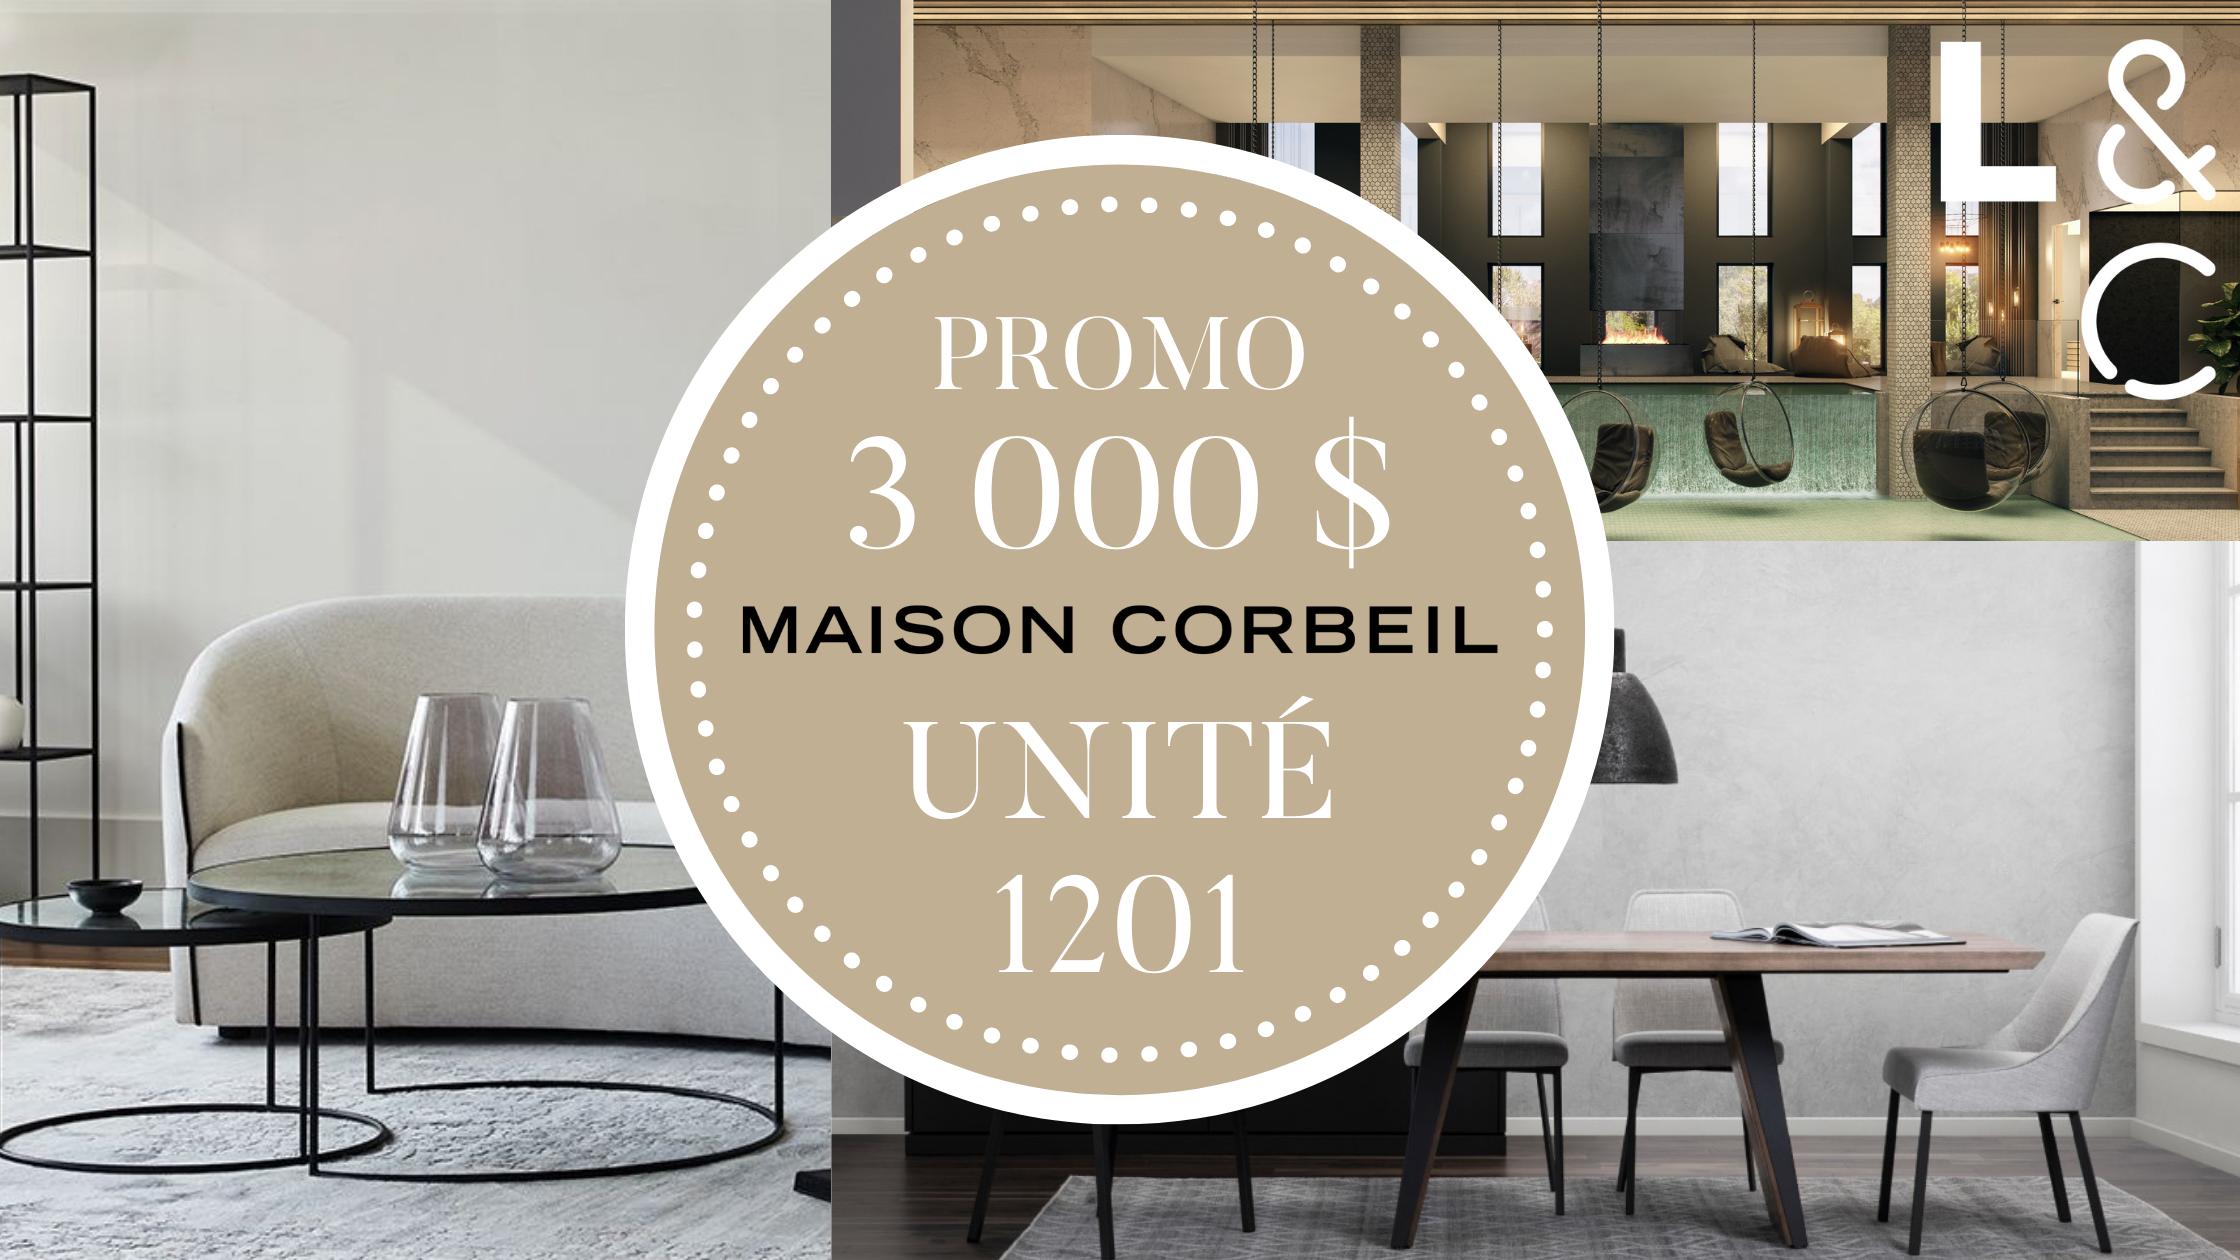 Promo 3000$ chez Maison Corbeil